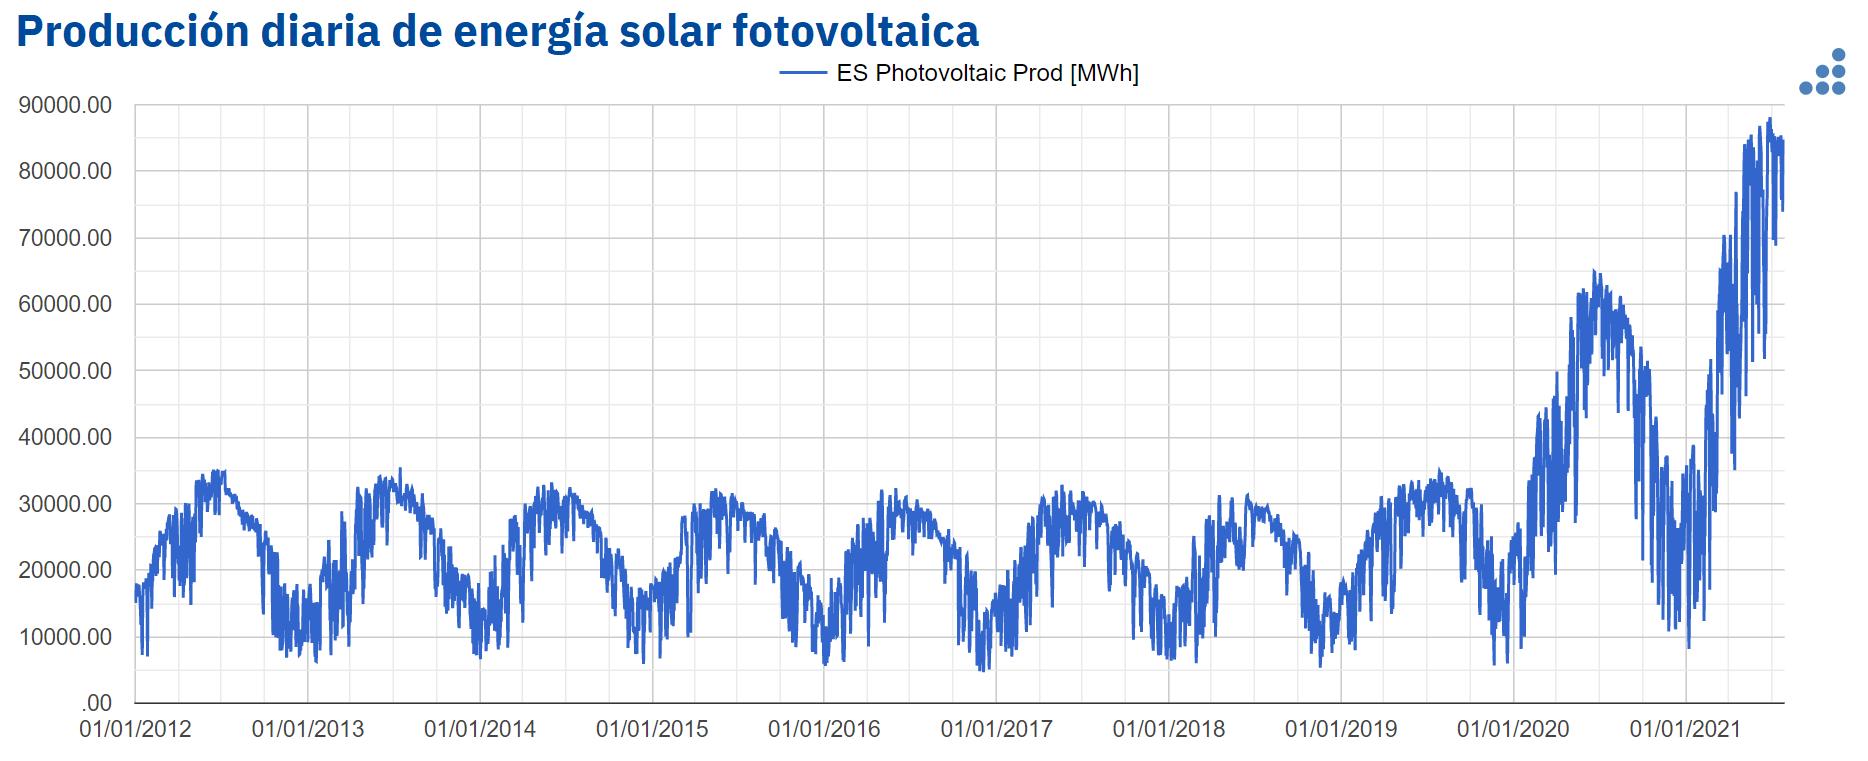 Fotografia Produción diaria de energia solar fotovoltaica